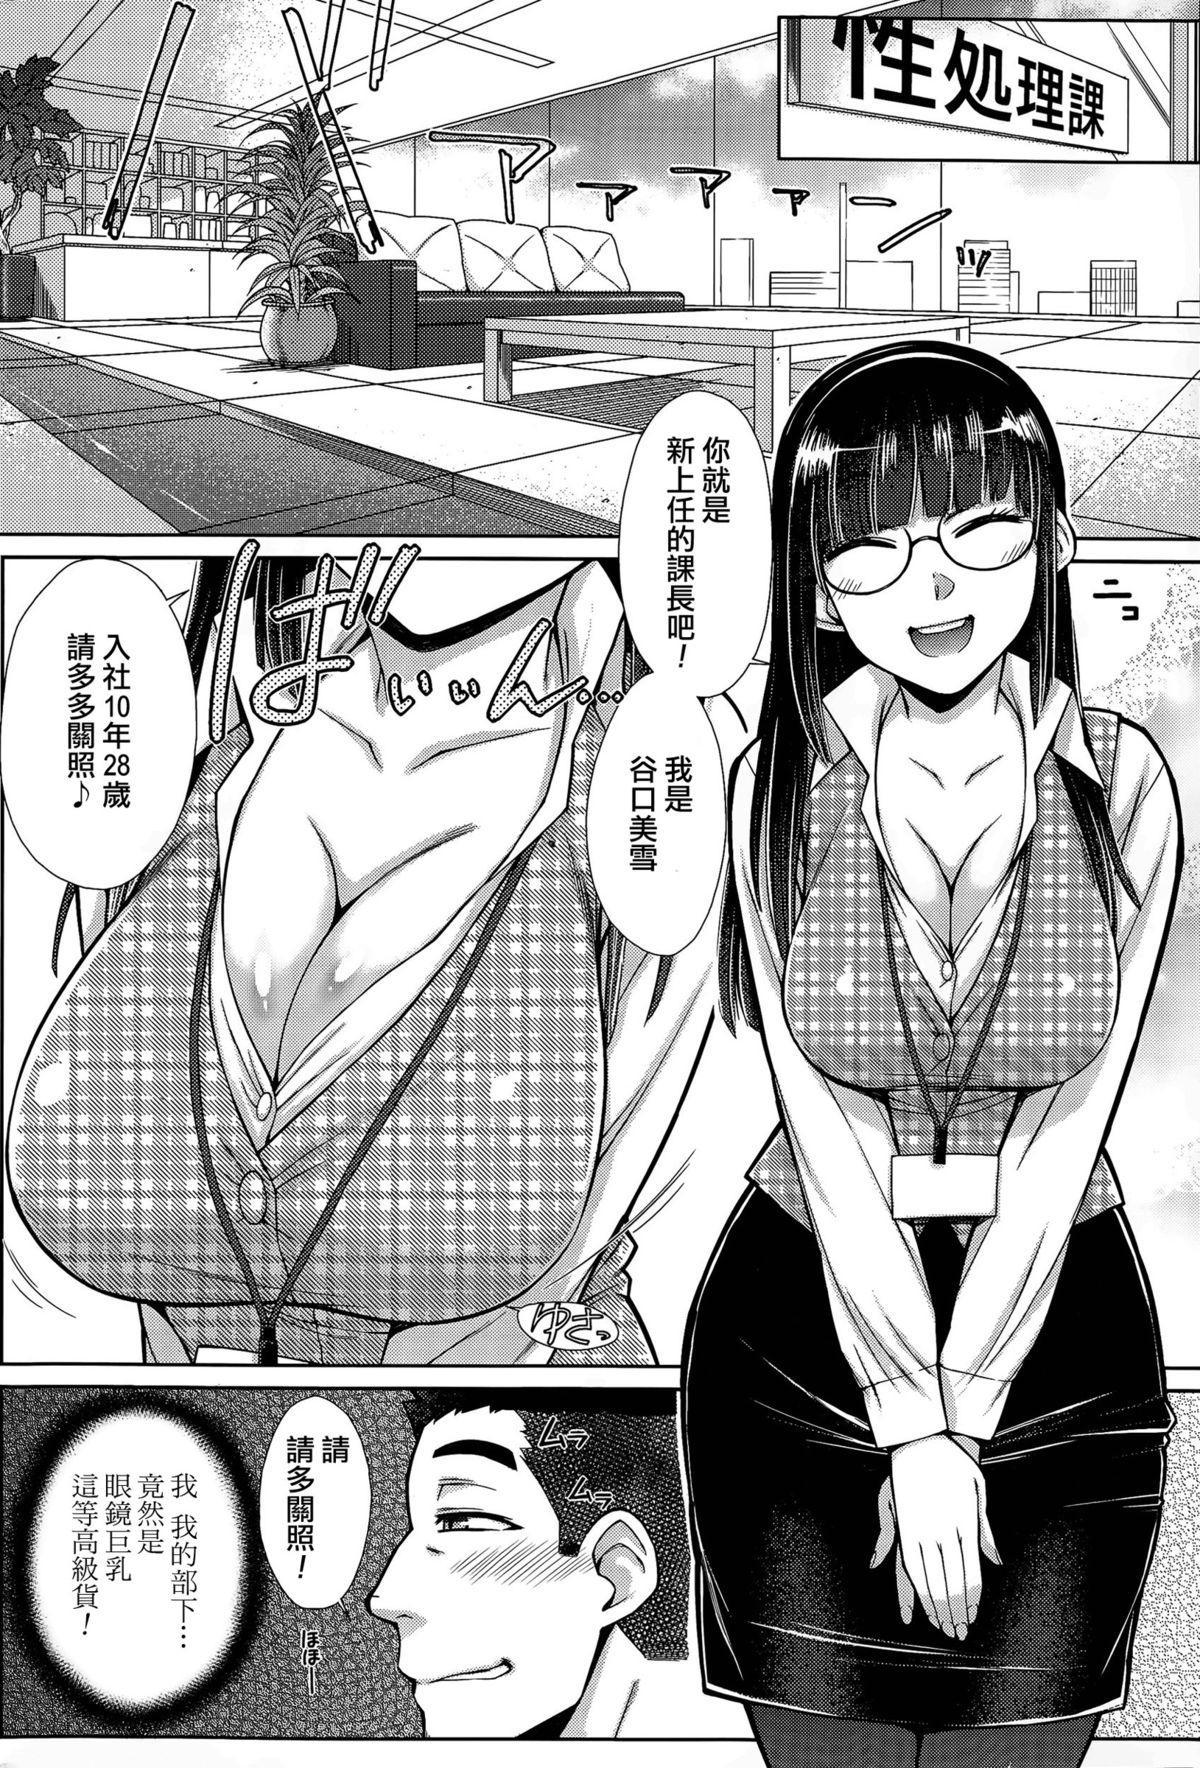 Zetsurin Danshi no Harem Seikatsu Ch. 1-4 21